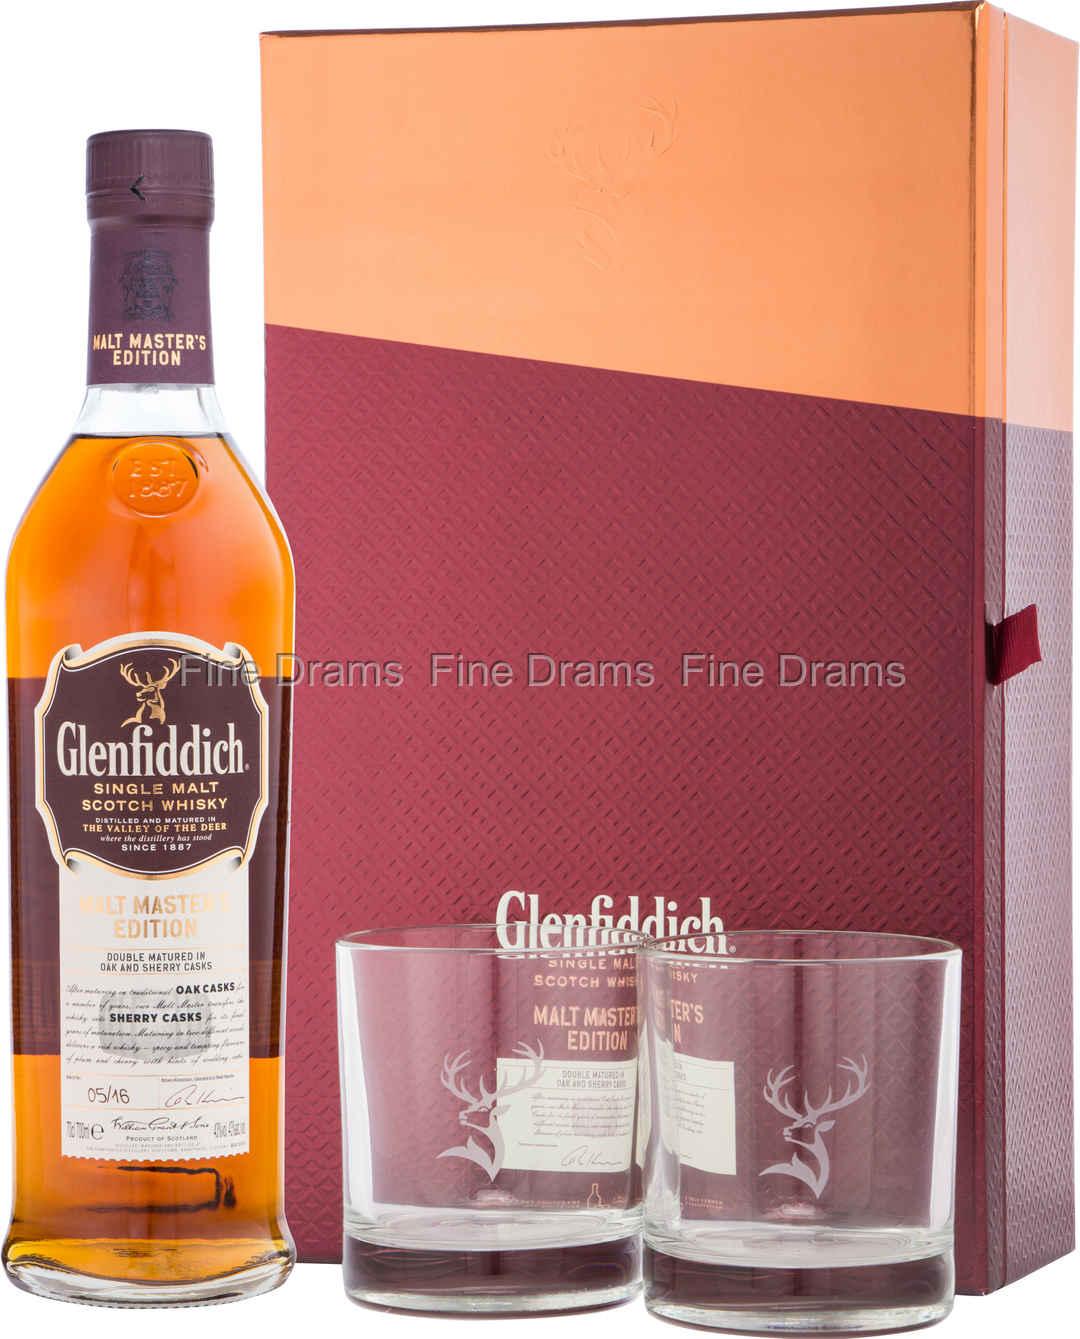 Glenfiddich Malt Master Gift Set - 2 Glasses